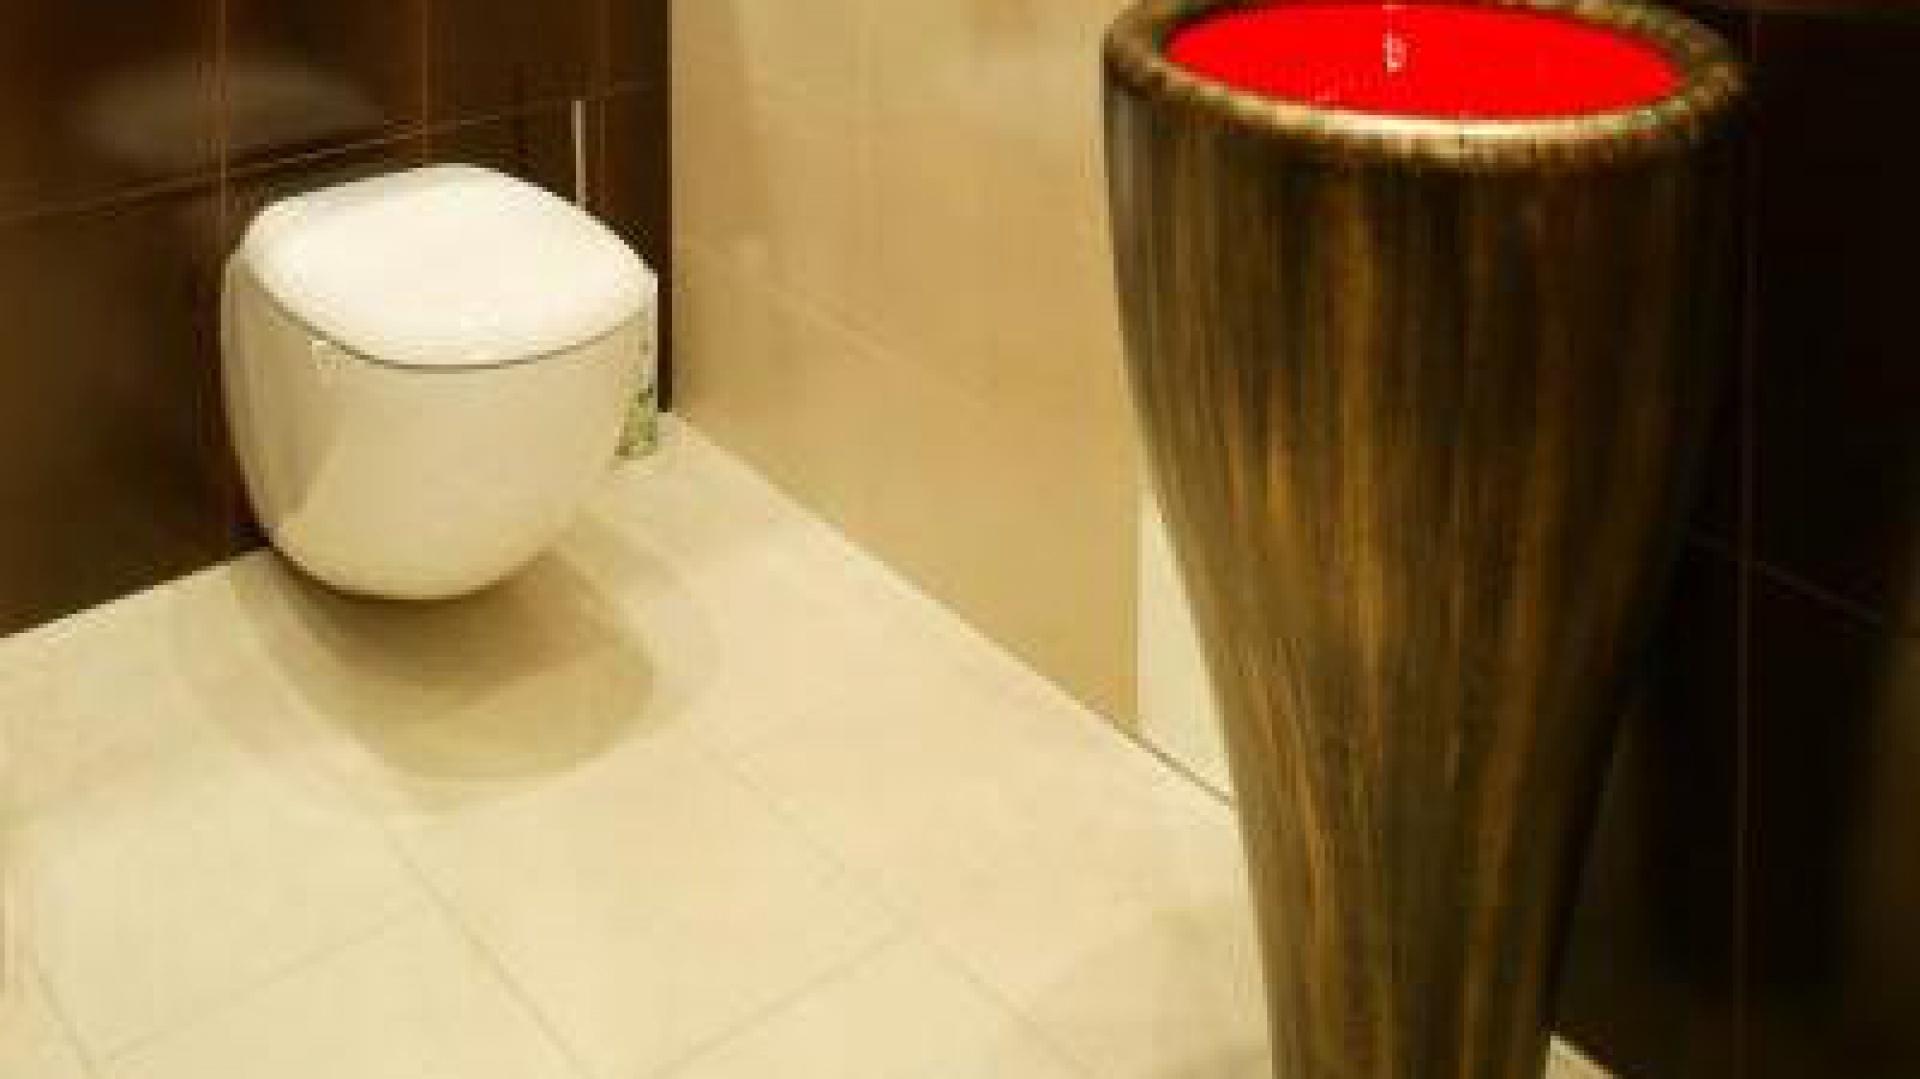 Umywalka jest przymocowana do ściany, chociaż wygląda na wolno stojącą. Fot. Marcin Łukaszewicz.